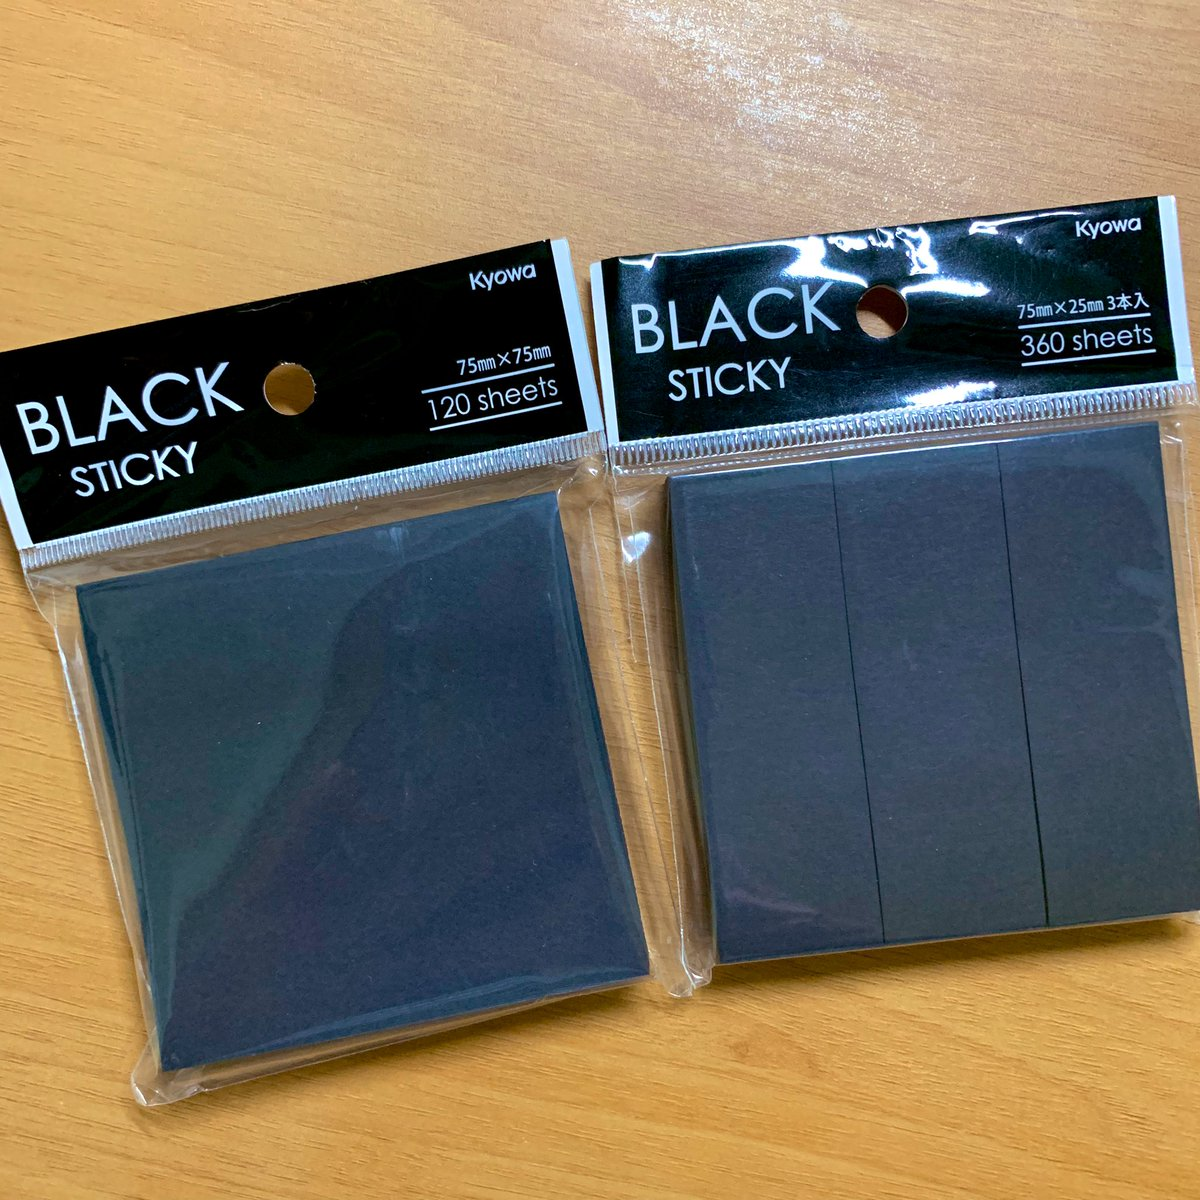 test ツイッターメディア - セリアで黒い付箋みつけて面白そうだったので買ってみました。これはいろいろ使えそうな予感…!!🔥🔥🔥  #セリア #seria #100均 #unisigno #シグノホワイト https://t.co/65XuvLfkiS